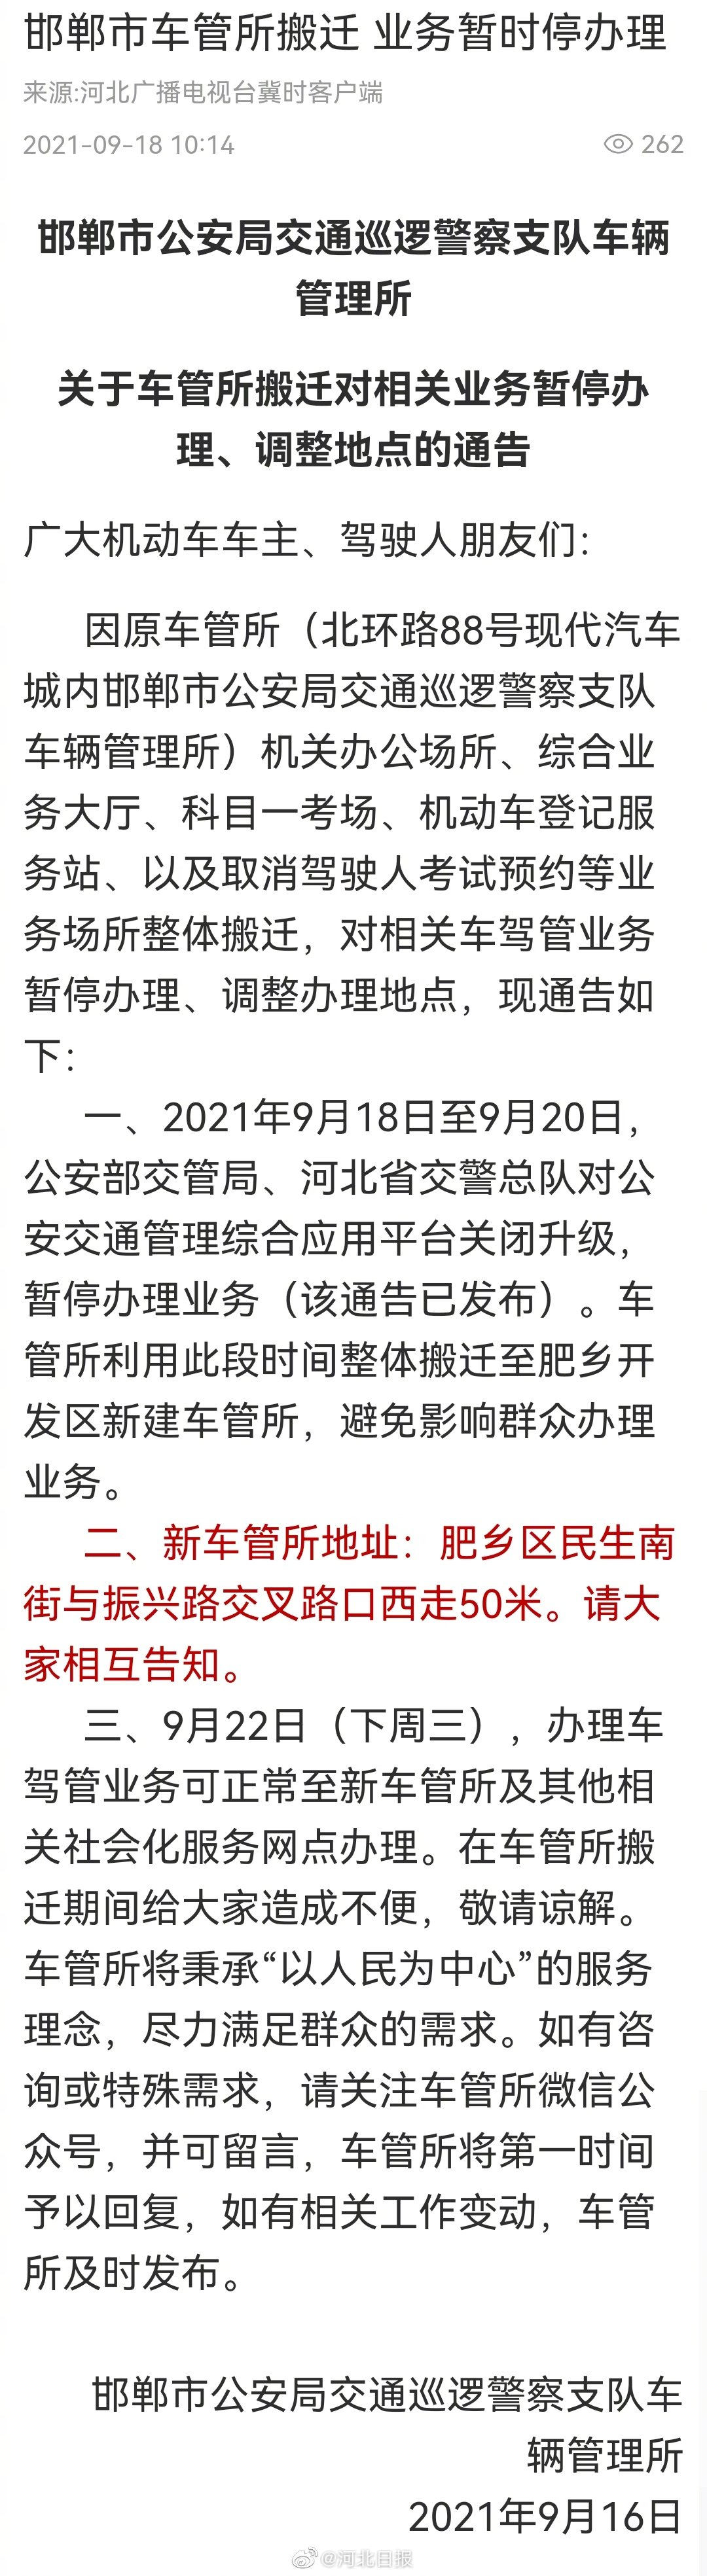 周知!邯郸市车管所搬迁业务暂时停办理